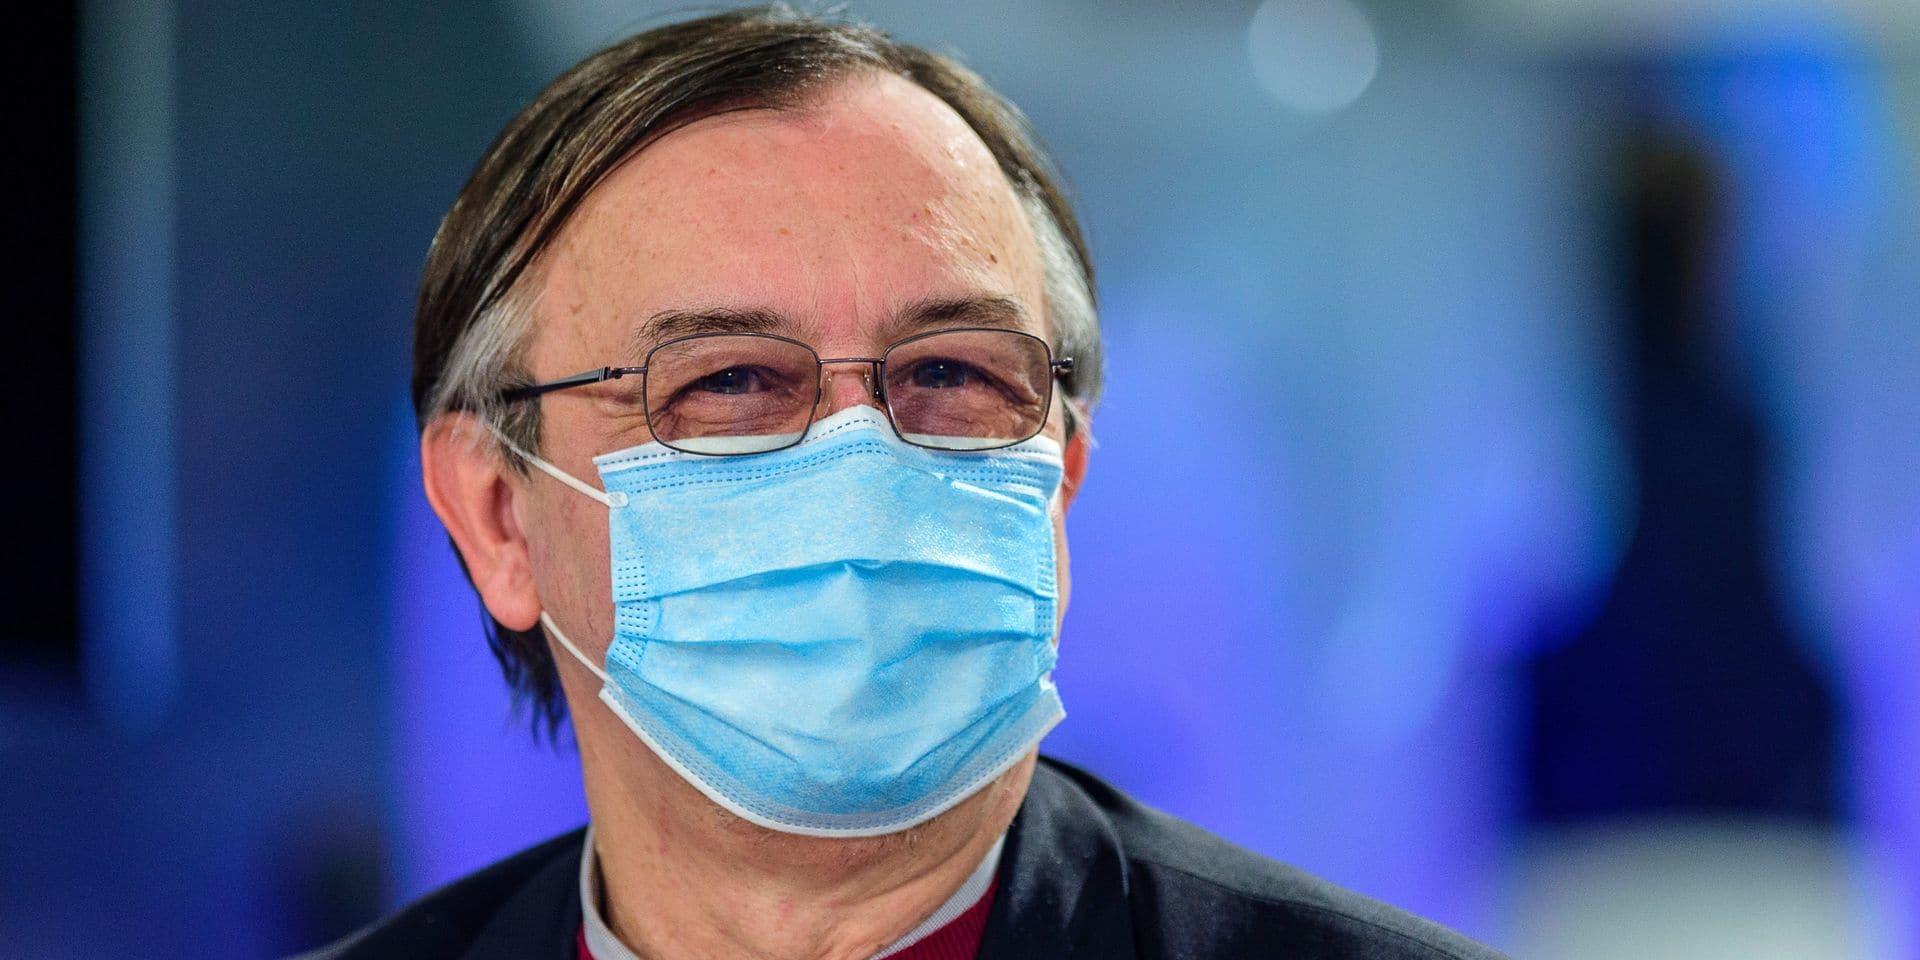 L'obligation du port du masque a-t-elle encore un sens en Belgique ?